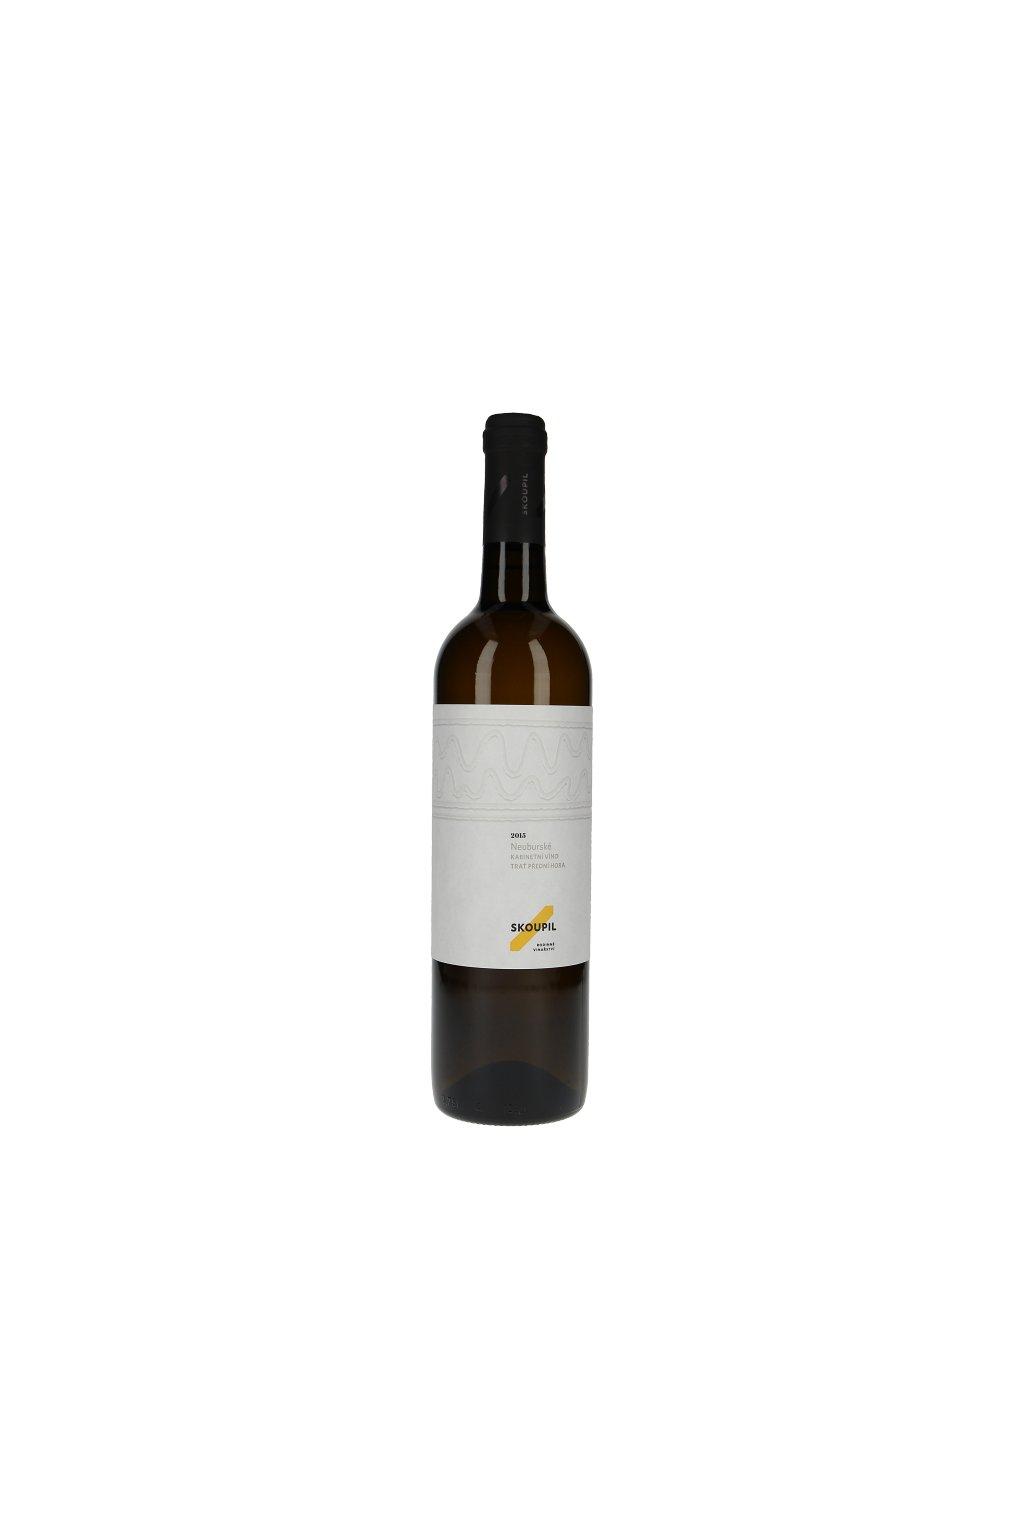 Neuburské 2016, kabinetní víno